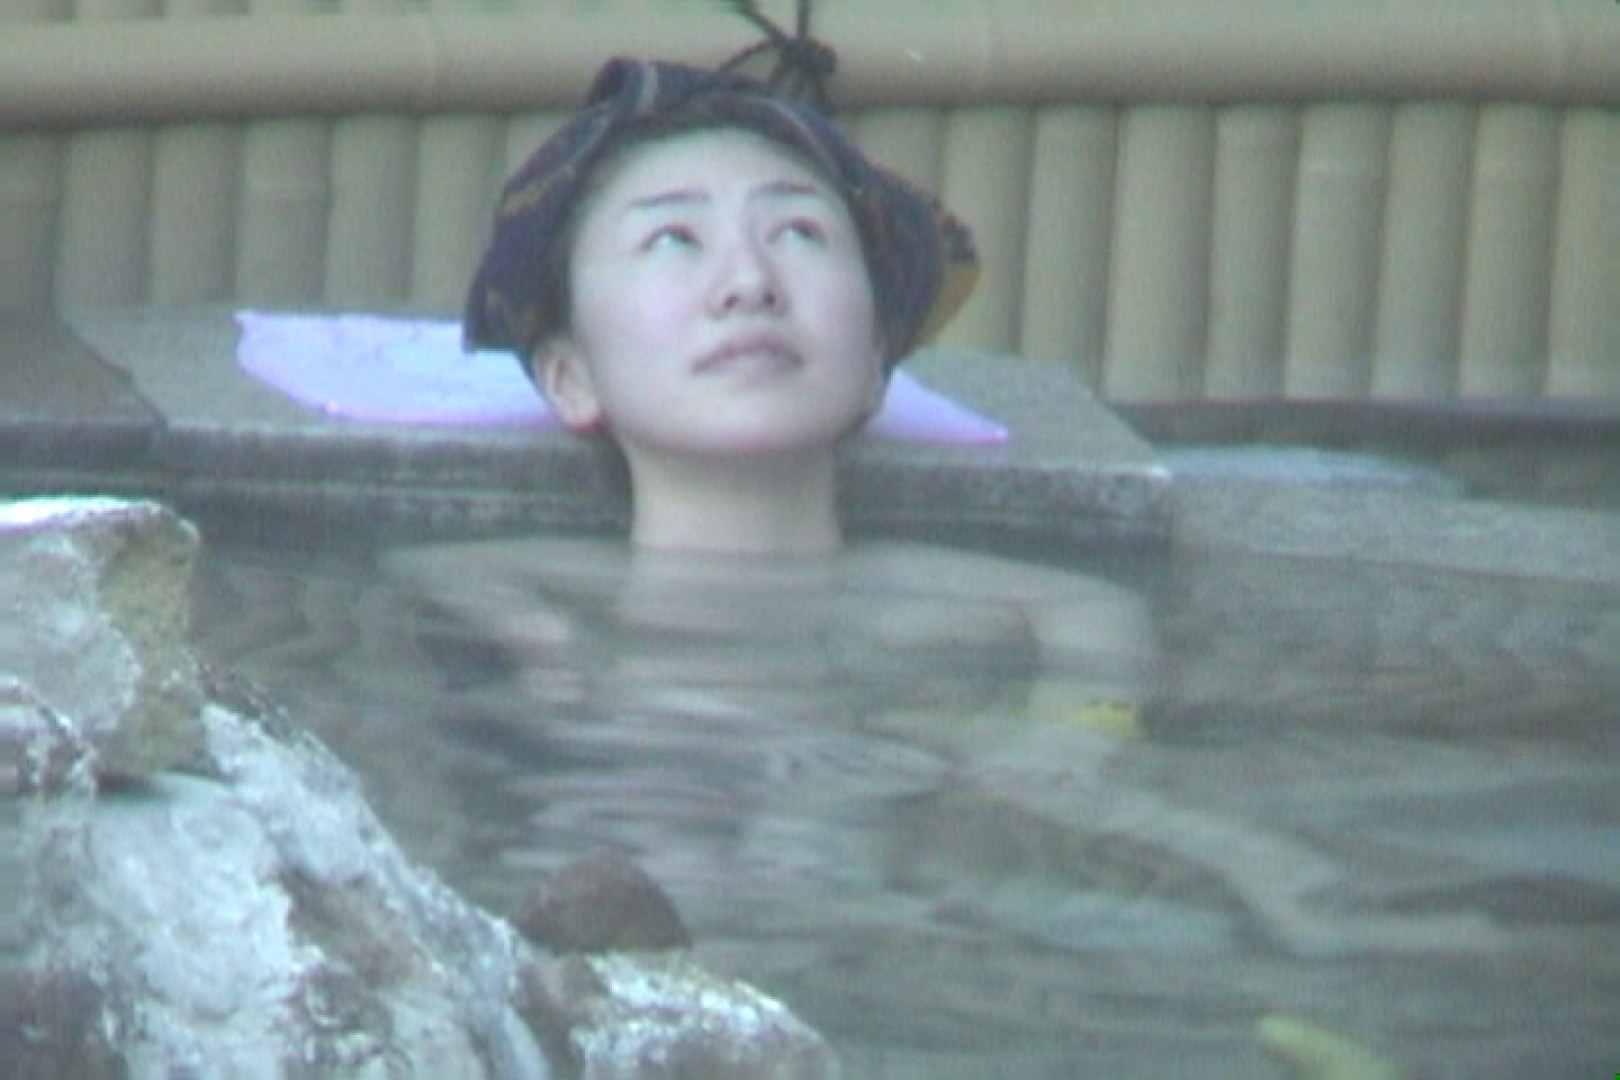 Aquaな露天風呂Vol.607 盗撮シリーズ  107PIX 88